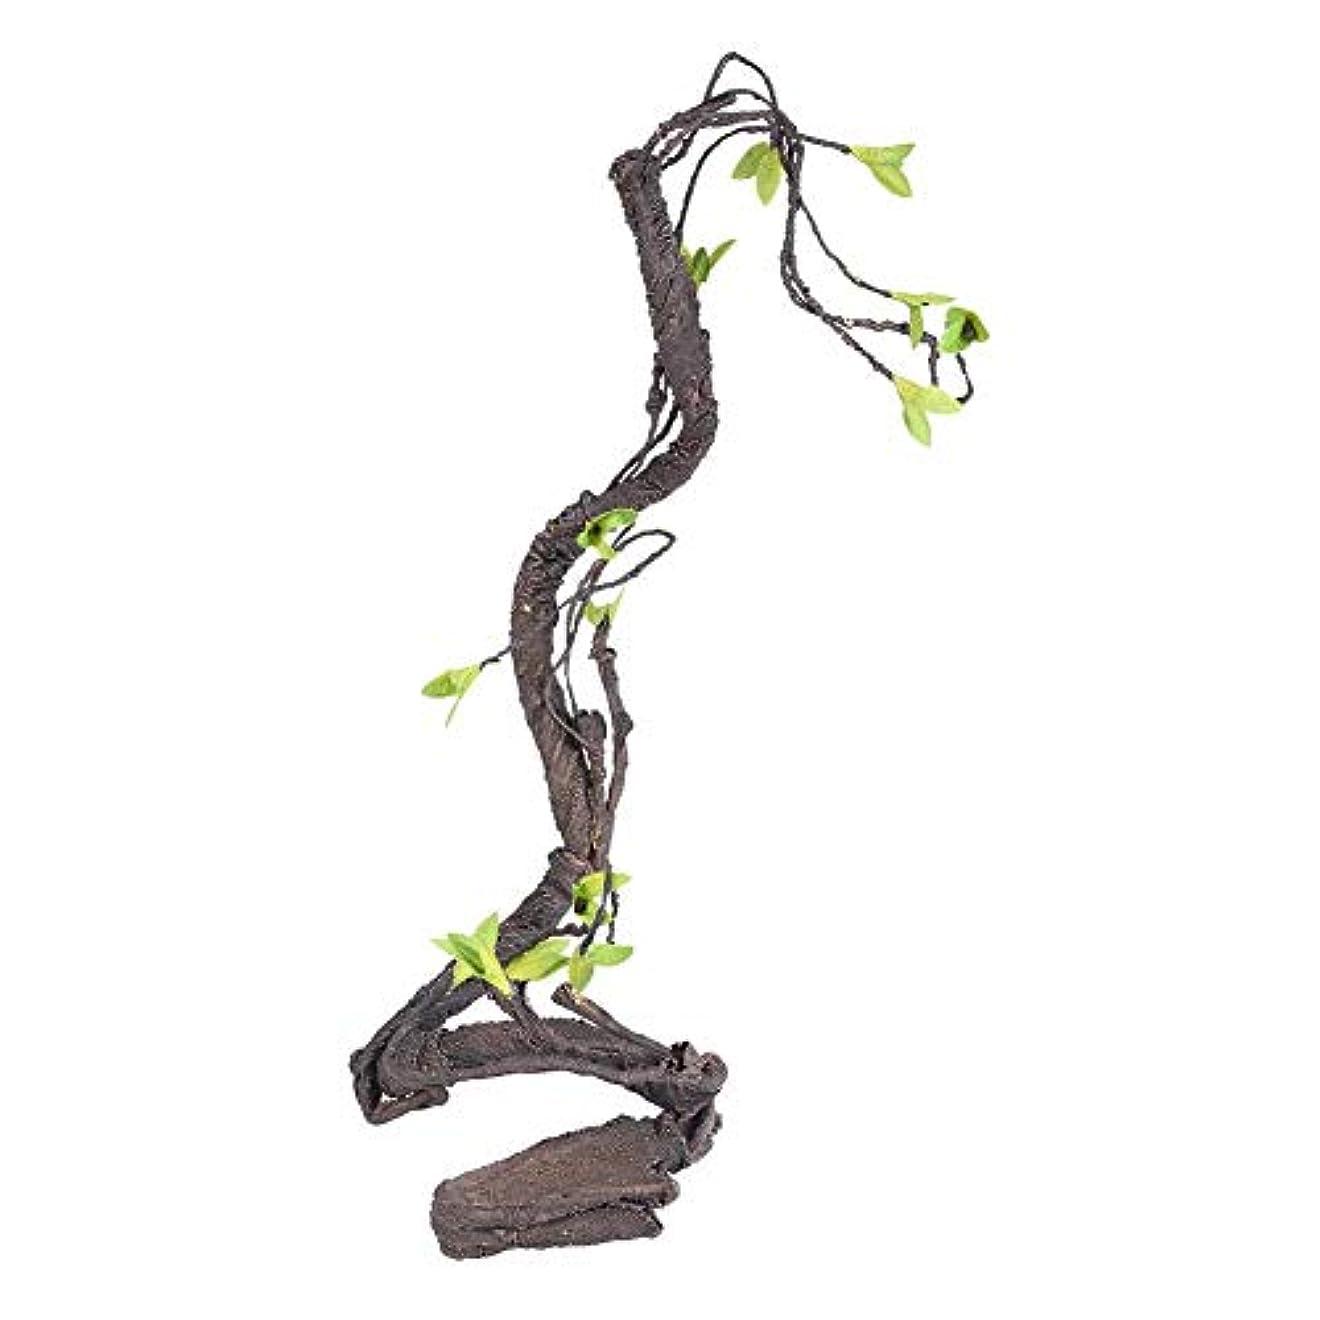 ダンスコールドバルコニー丈夫でタフな環境に優しいつるのクライマー、人工のクライマー、テラリウムの装飾、爬虫類のペットには無毒(WF-2)